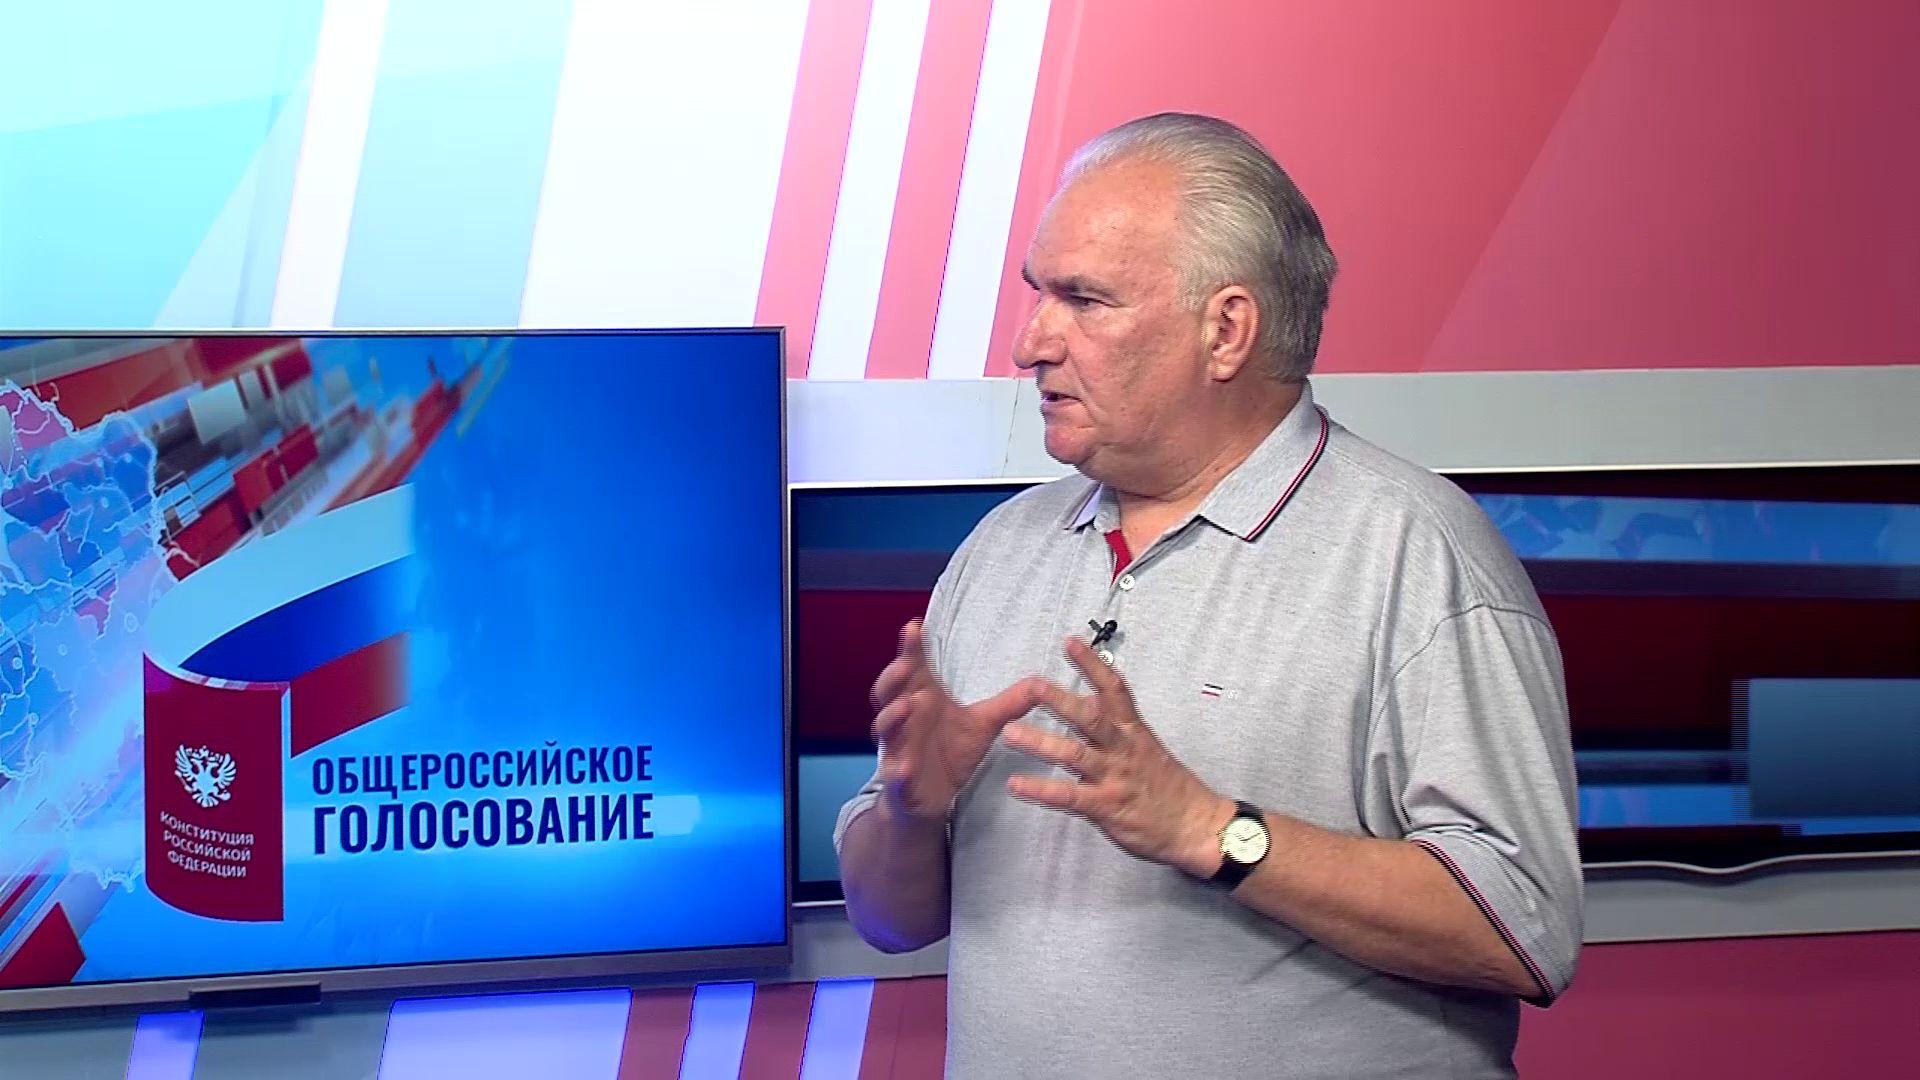 Игорь Ямщиков - о ходе голосования: